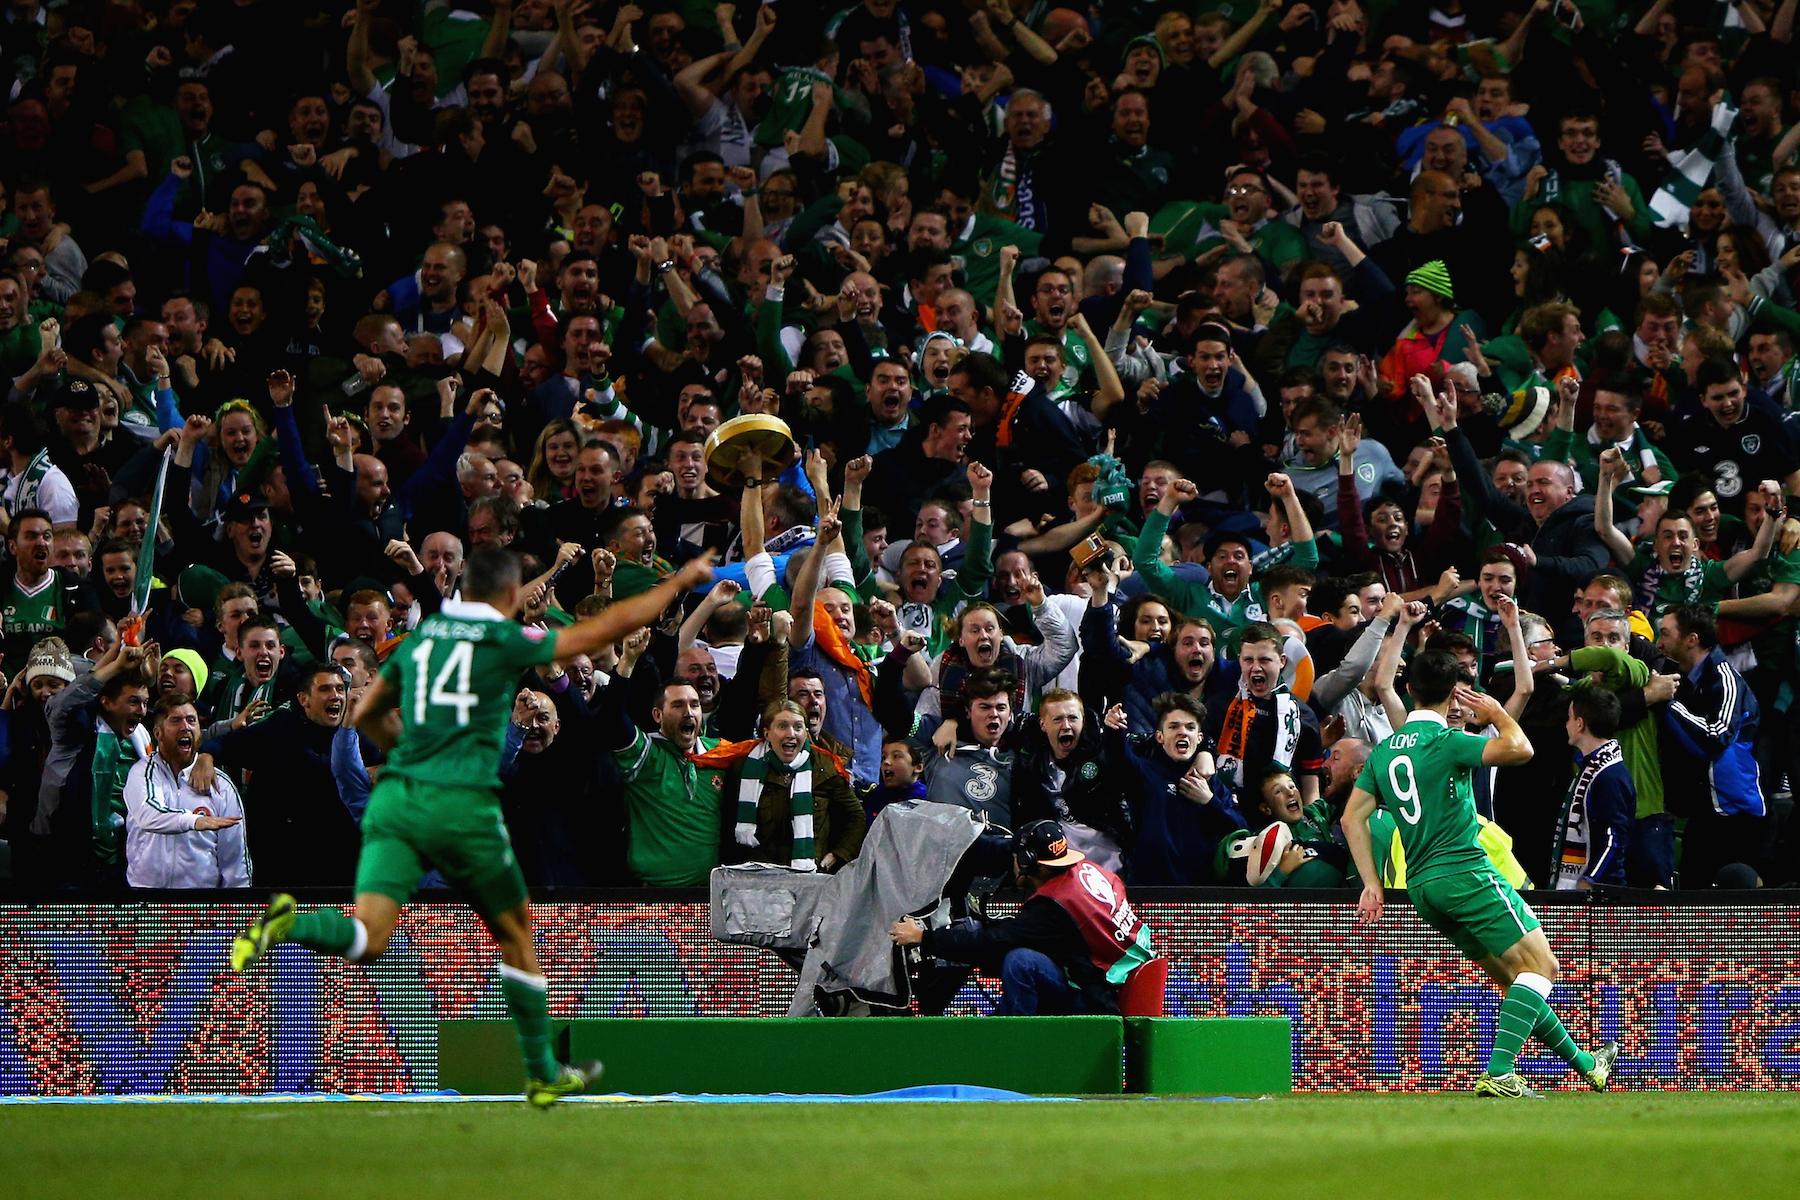 Shane Long festeggia sotto i suoi tifosi dopo il gol dell'1-0 contro la Germania